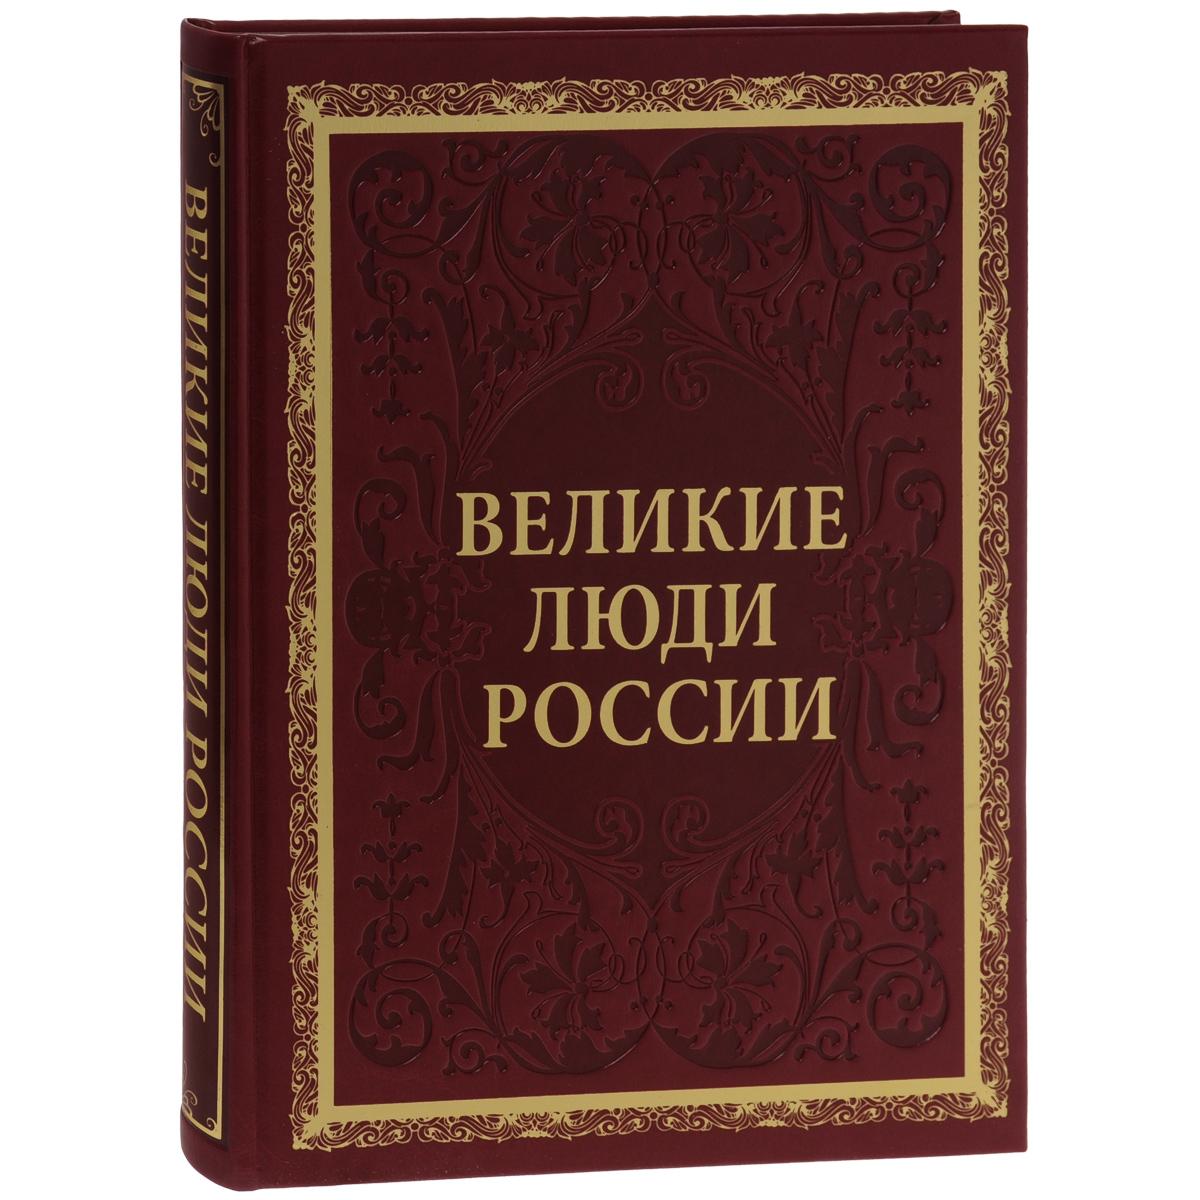 Великие люди России (подарочное издание)